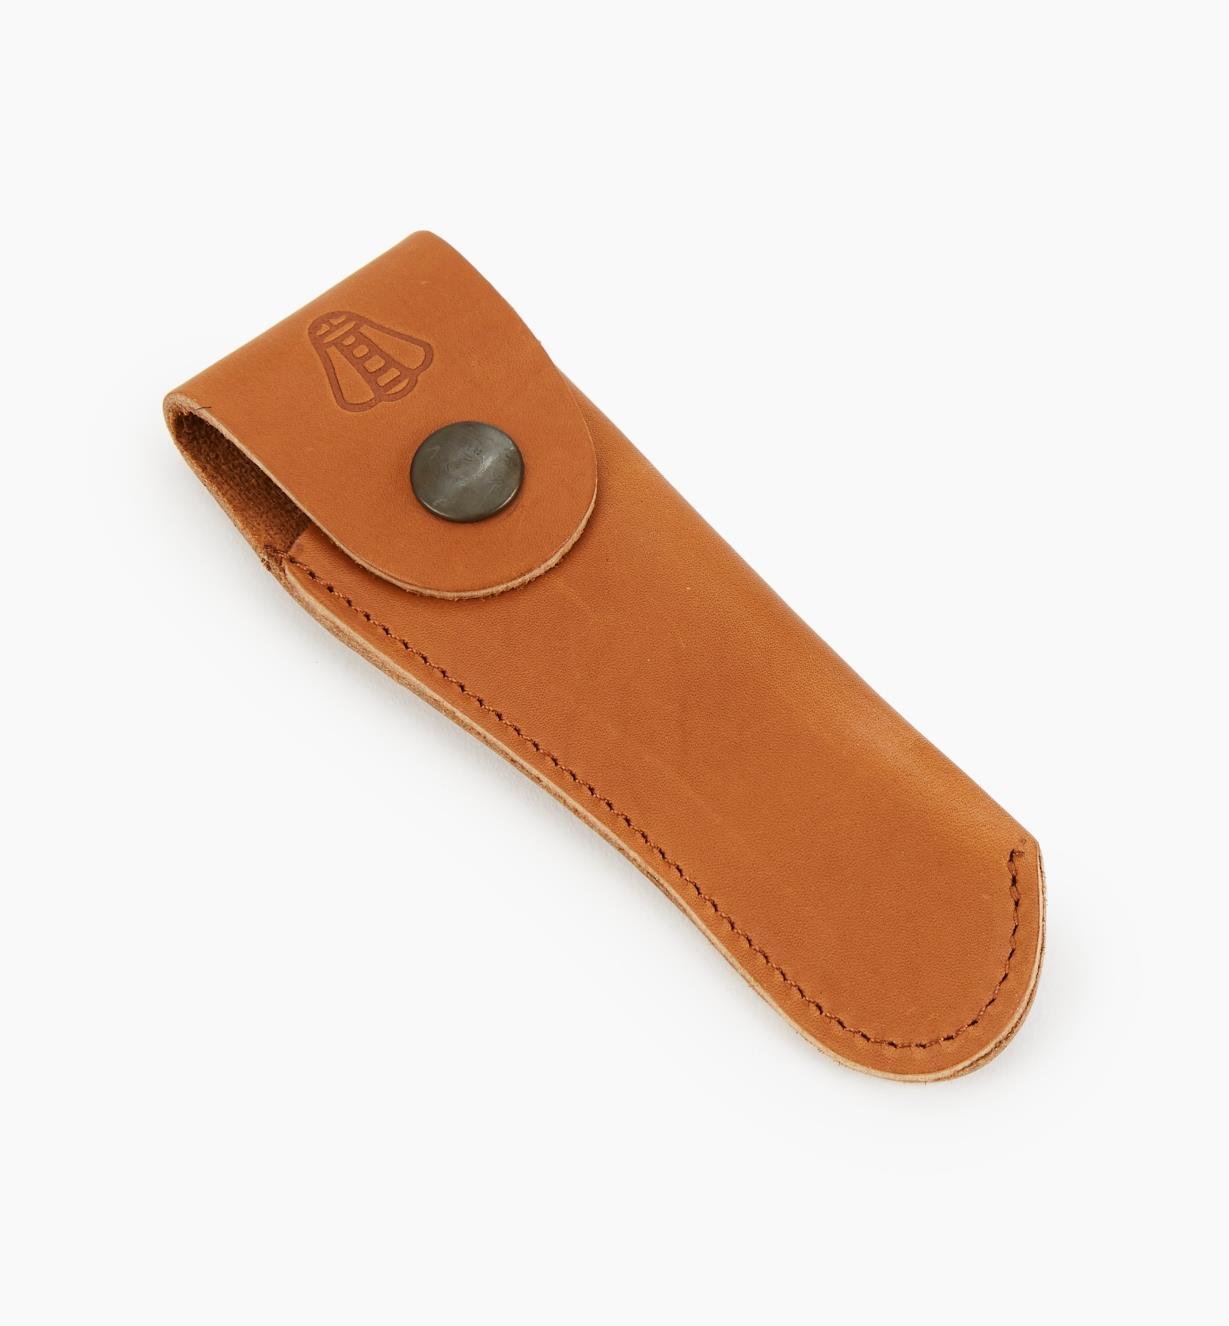 33K0602 - Leather Belt Case only